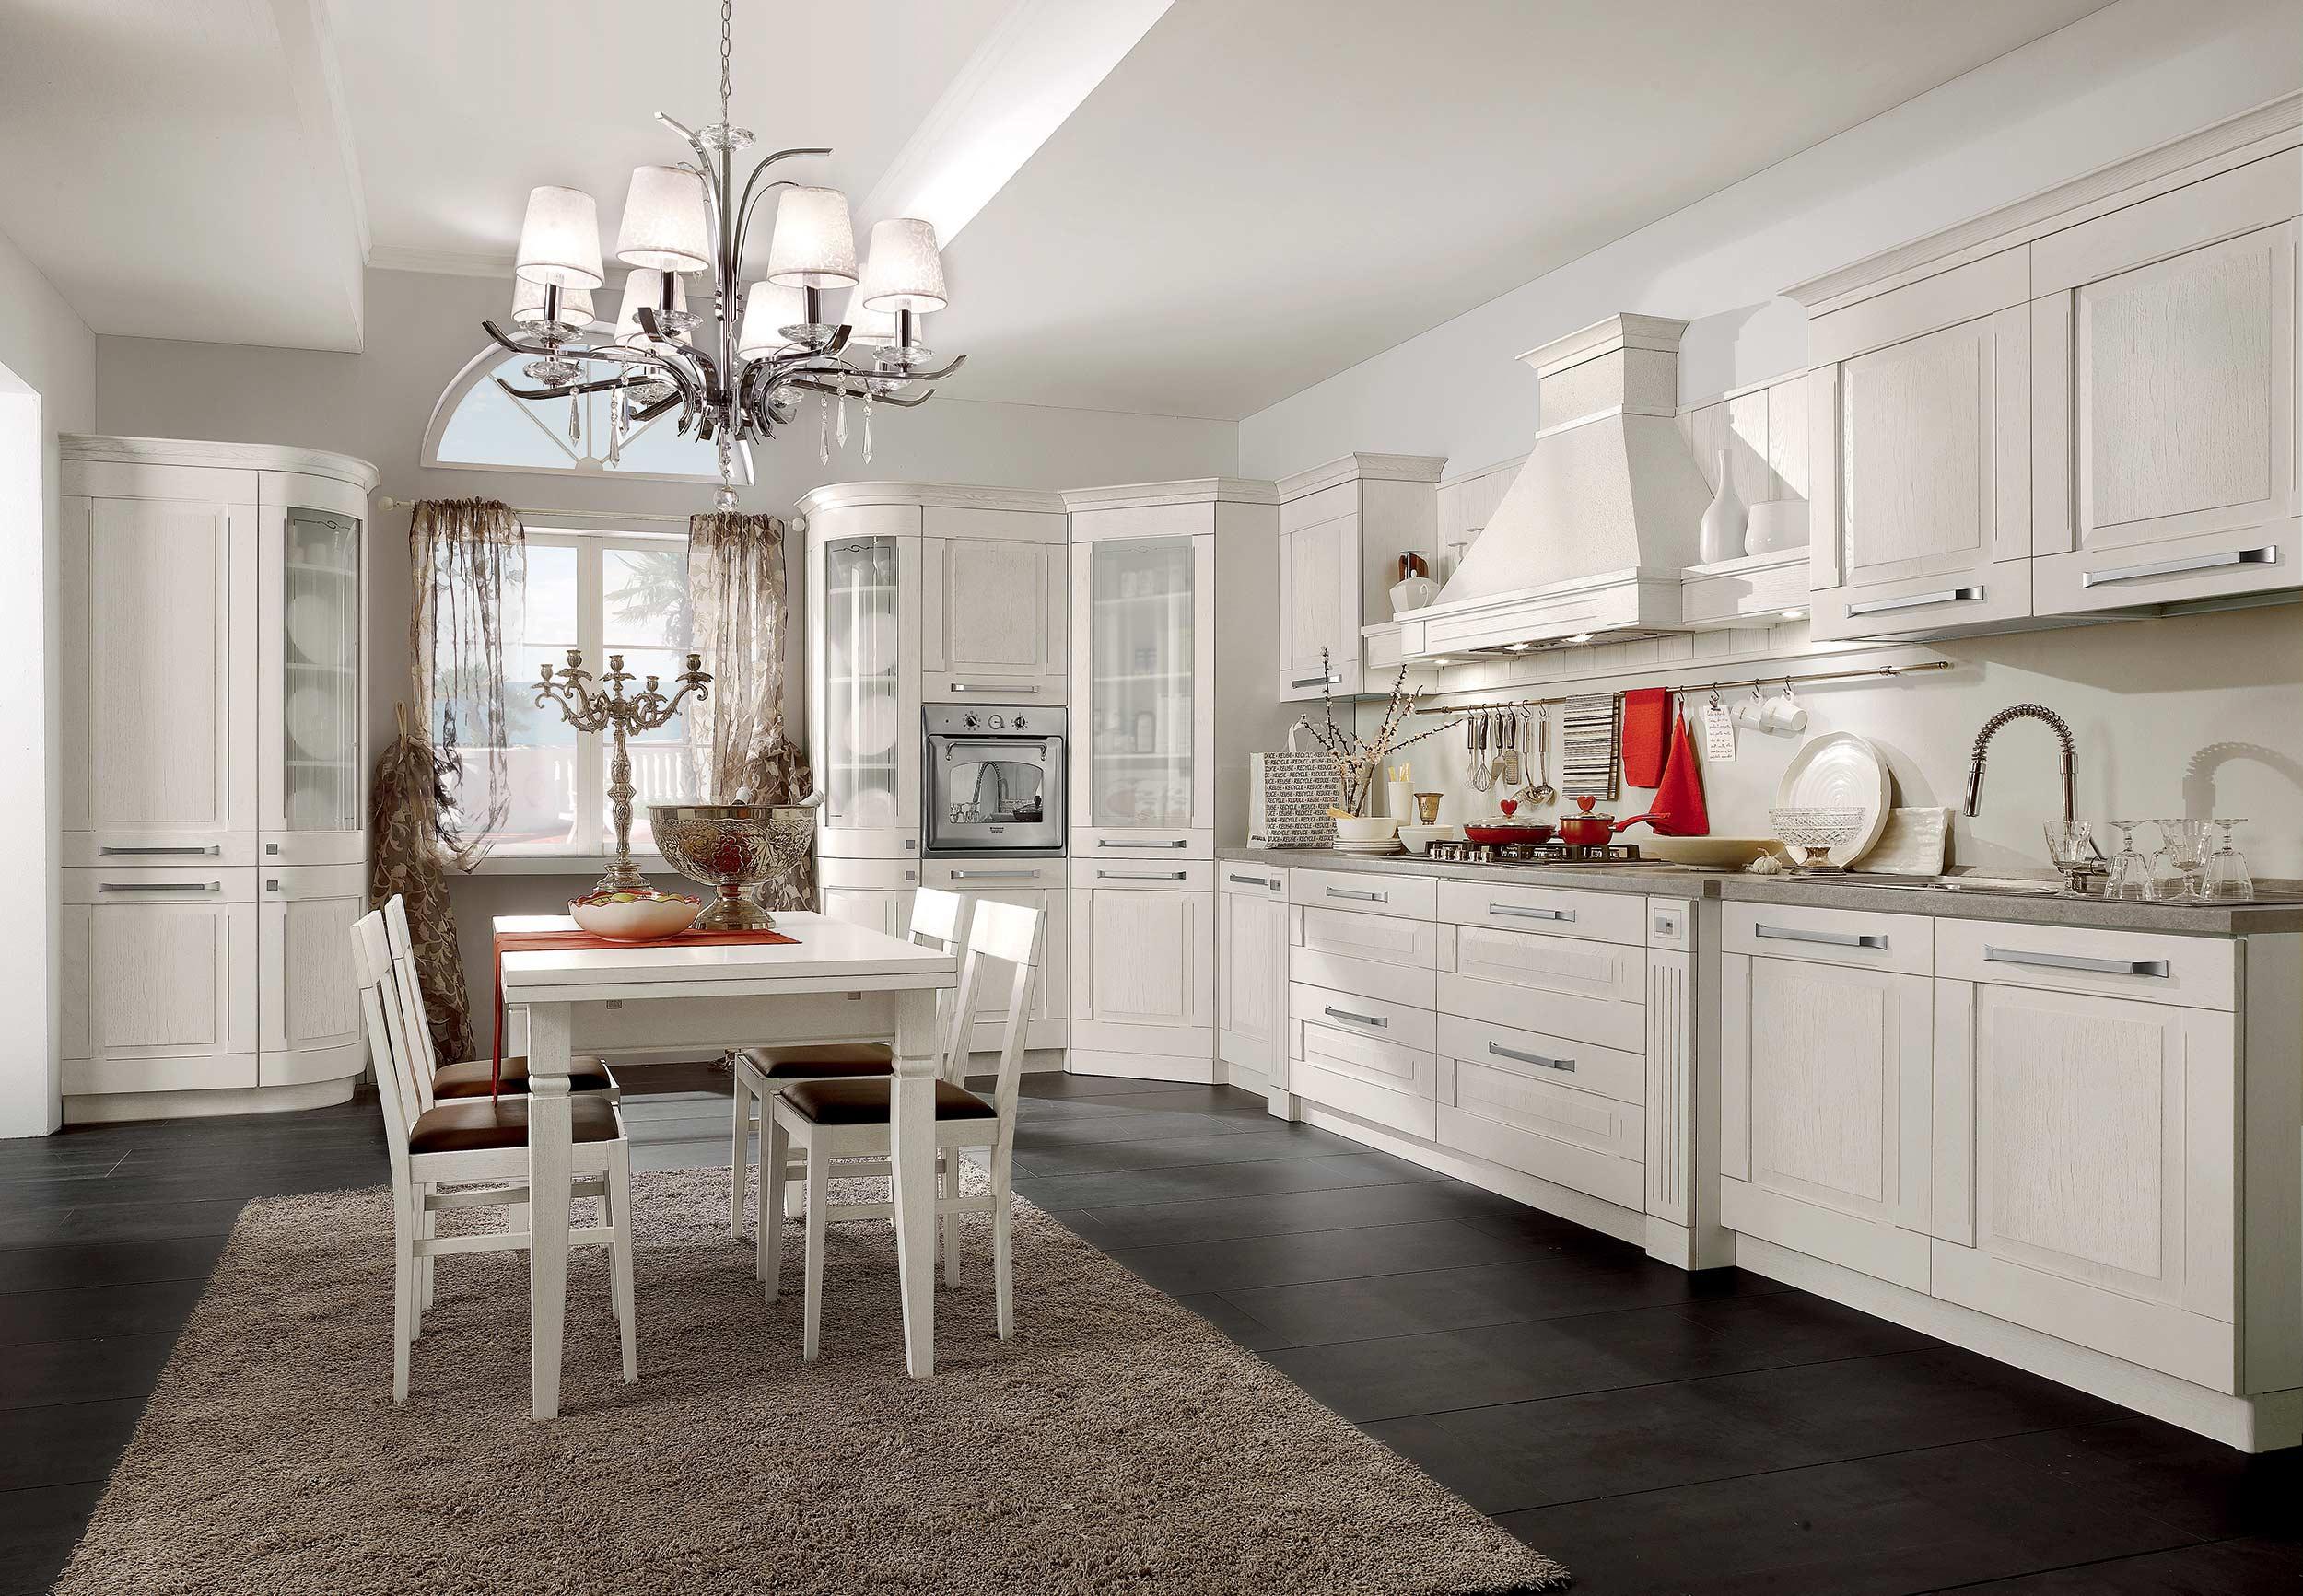 Beautiful Qualità Cucine Stosa Pictures - Amazing House Design ...